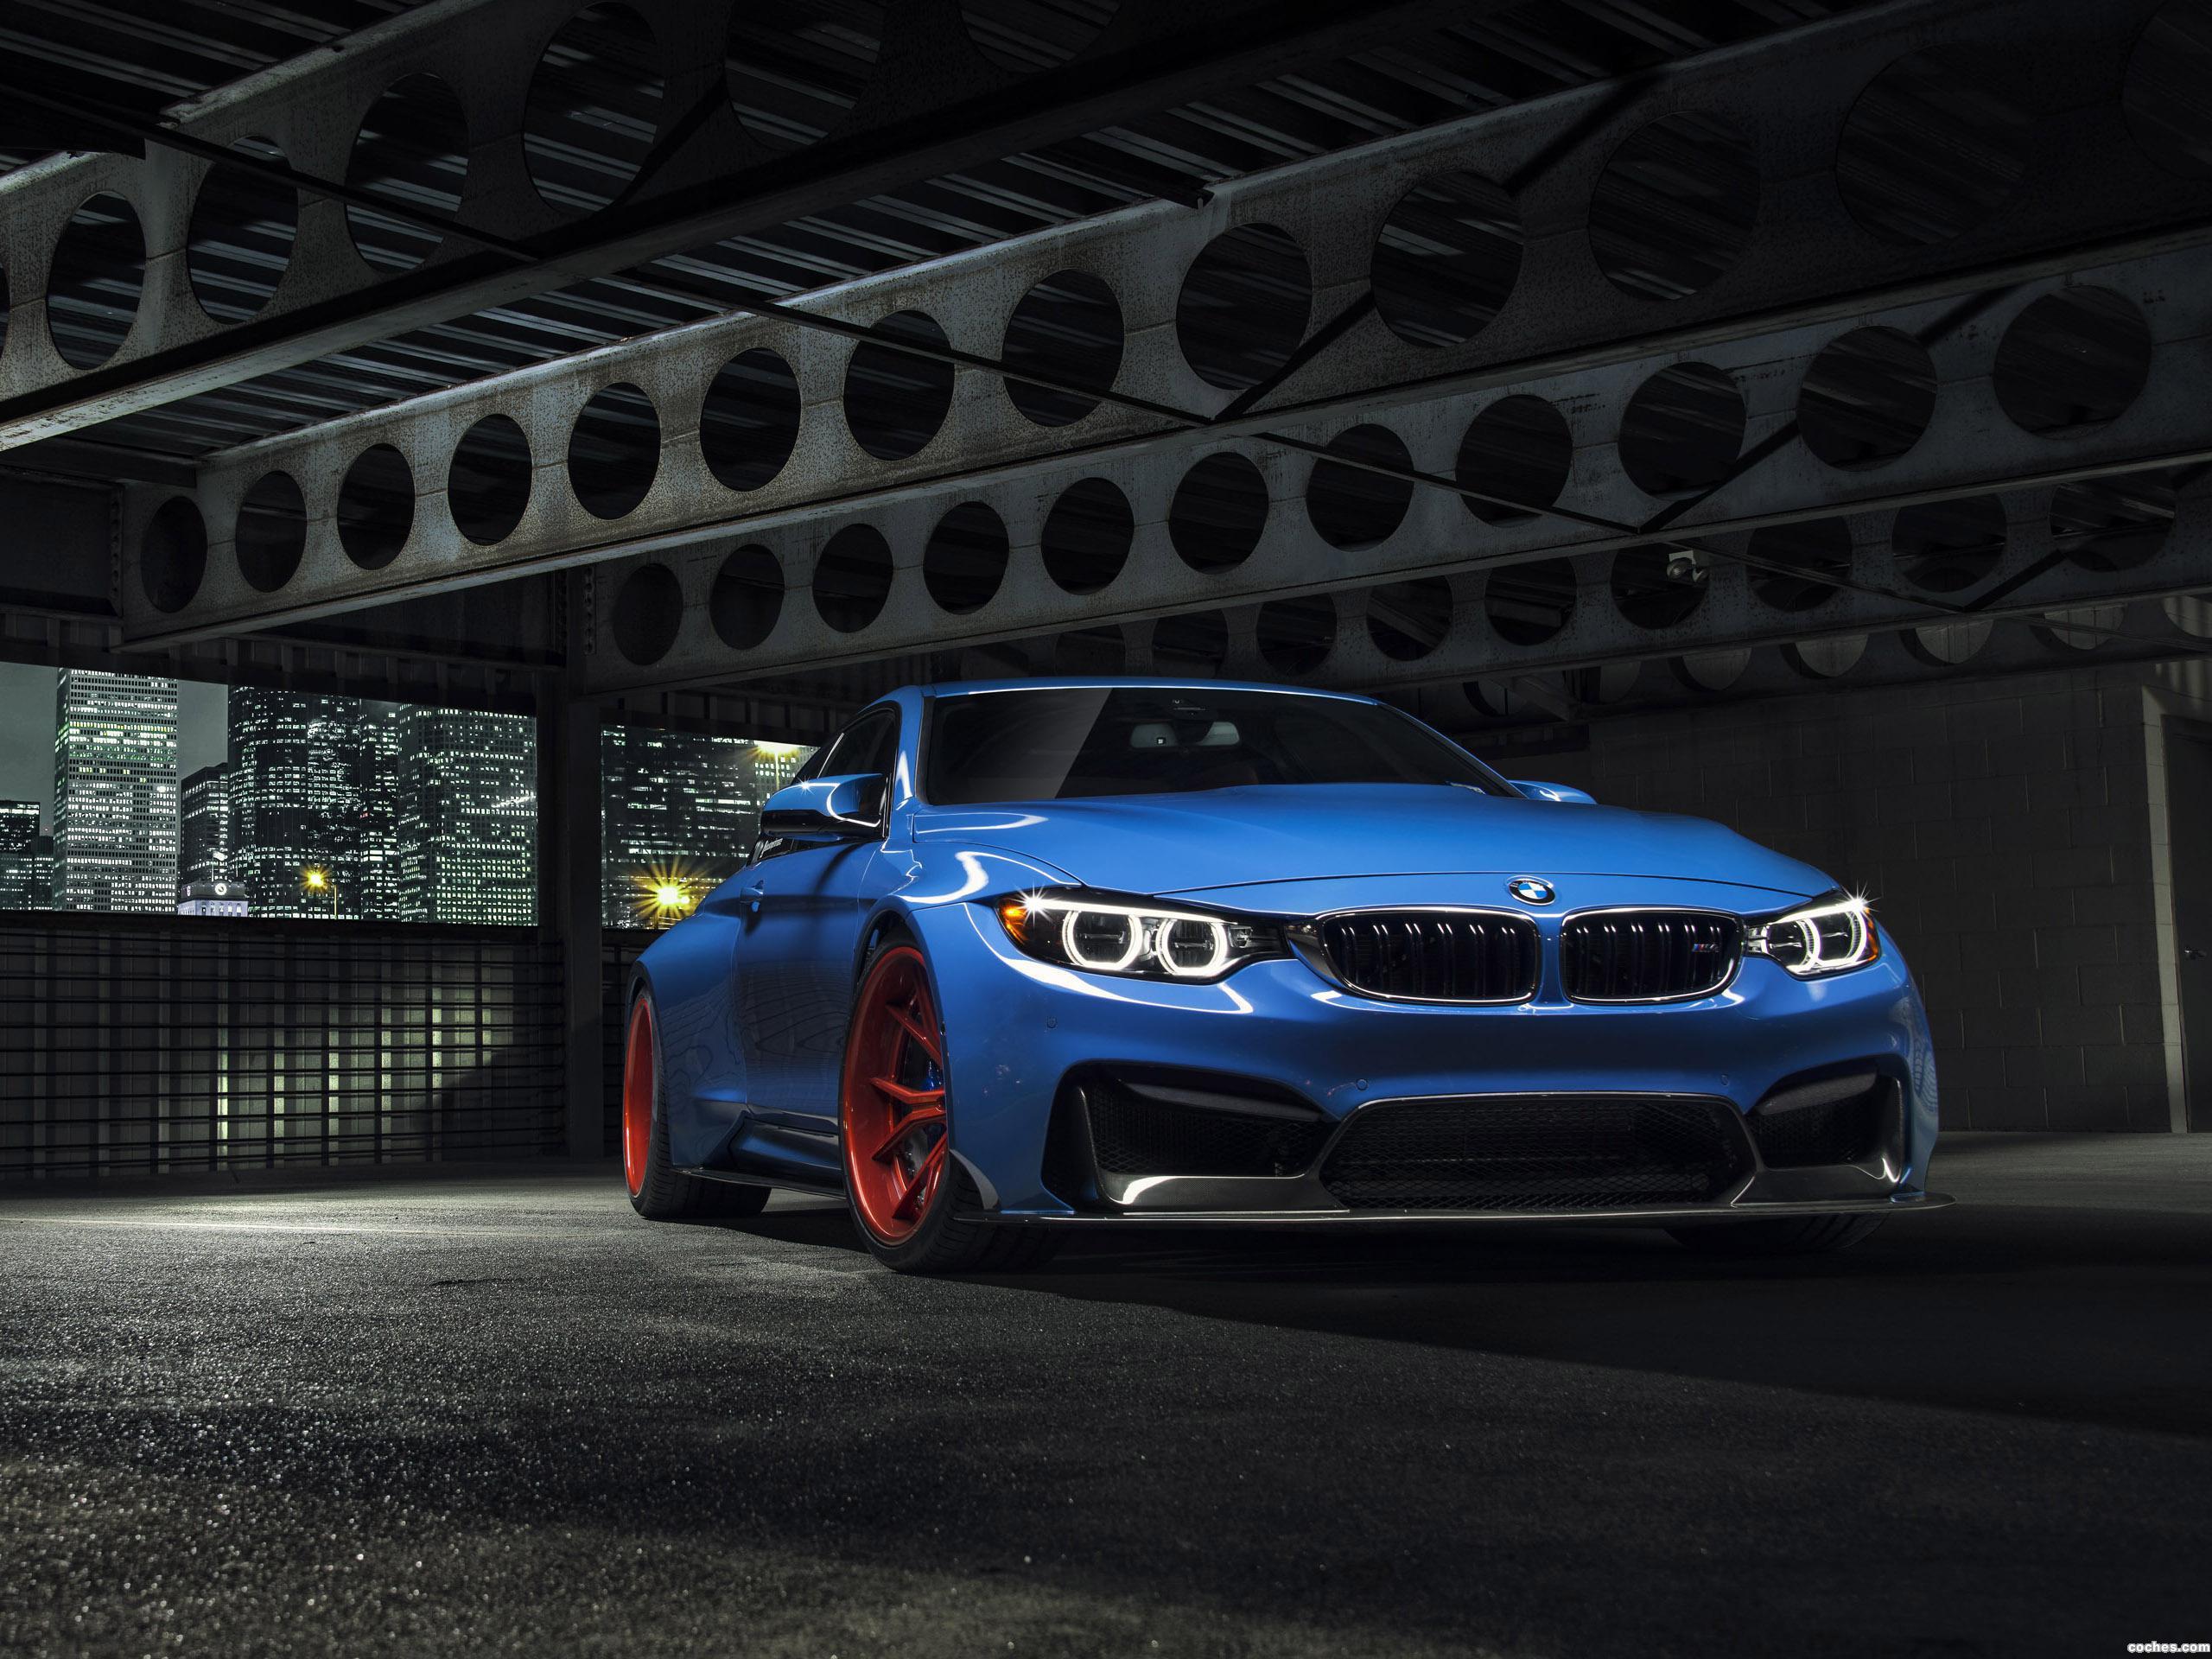 Foto 0 de Vorsteiner BMW M4 Yas Marina Blue GTRS4 Anniversary Edition 2015